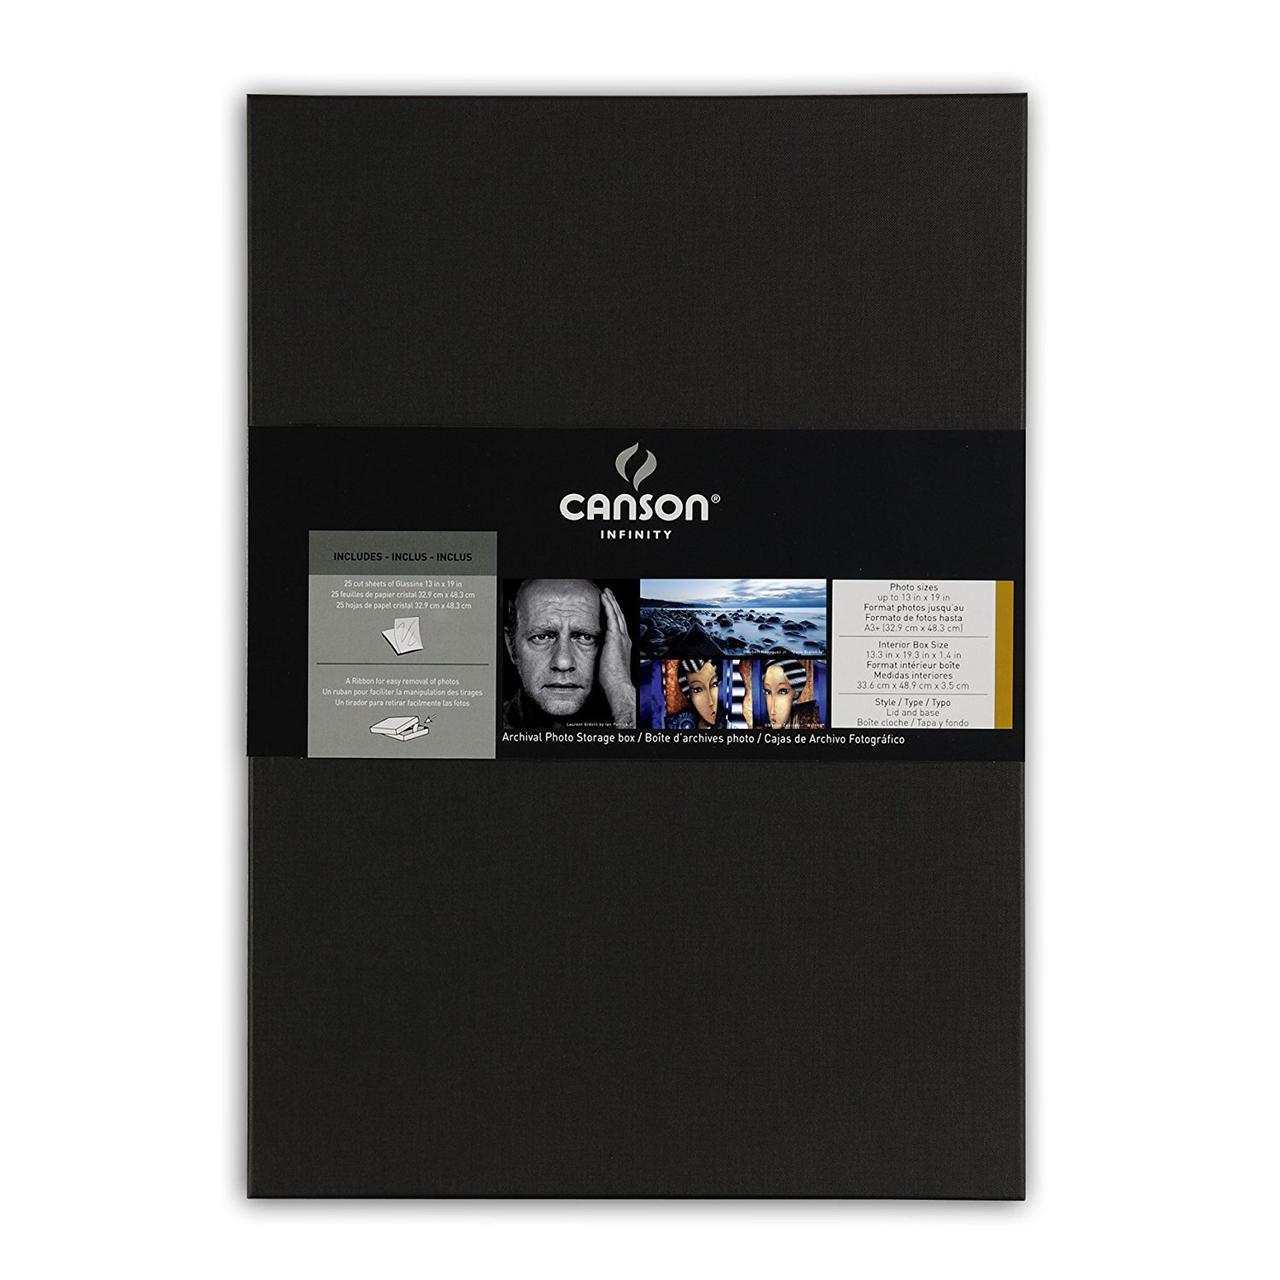 Canson Infinity Archiving Box для хранения фотографий